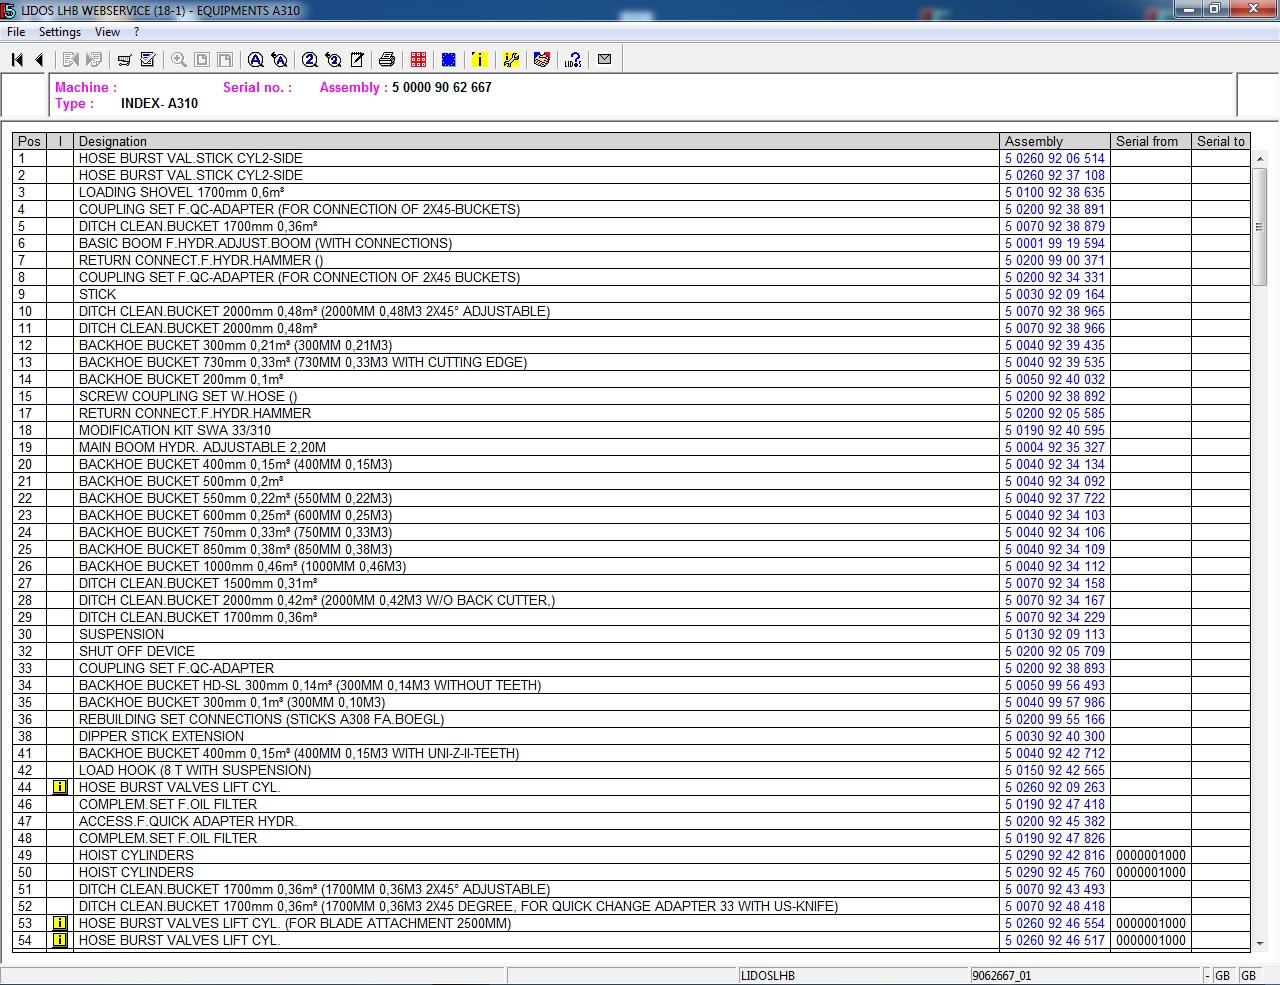 Liebherr_Lidos_COTLBHLFRLHBLWELWT_Online_EPC_Service_Document_Updated_052020_7